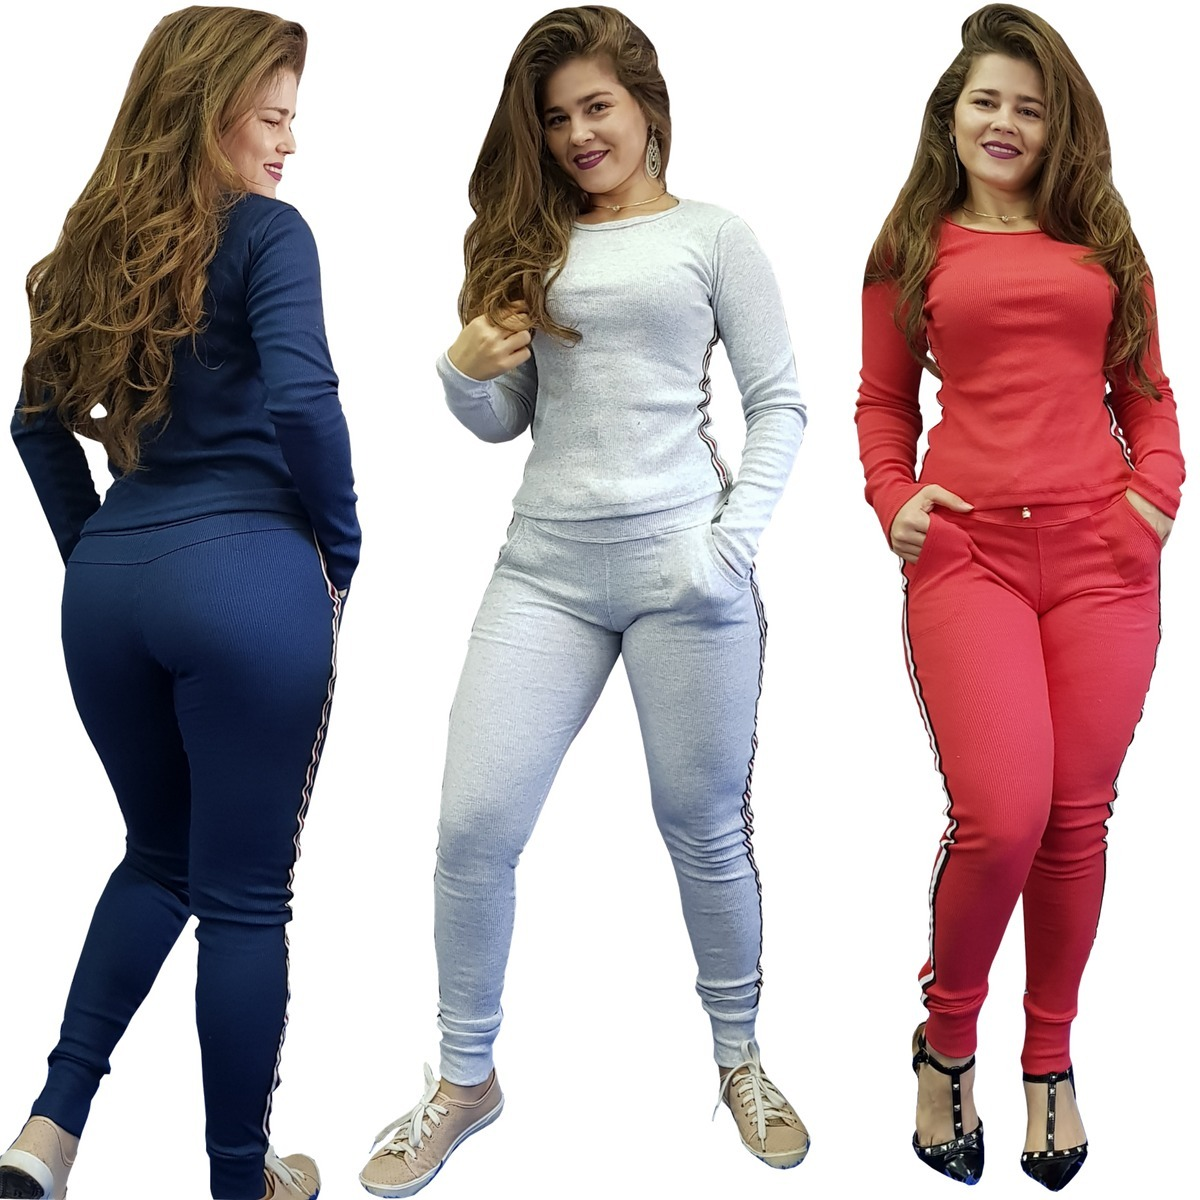 f0bbc6b2a6 conjunto ribana tipo moletom listras calça e blusa promoção. Carregando zoom .